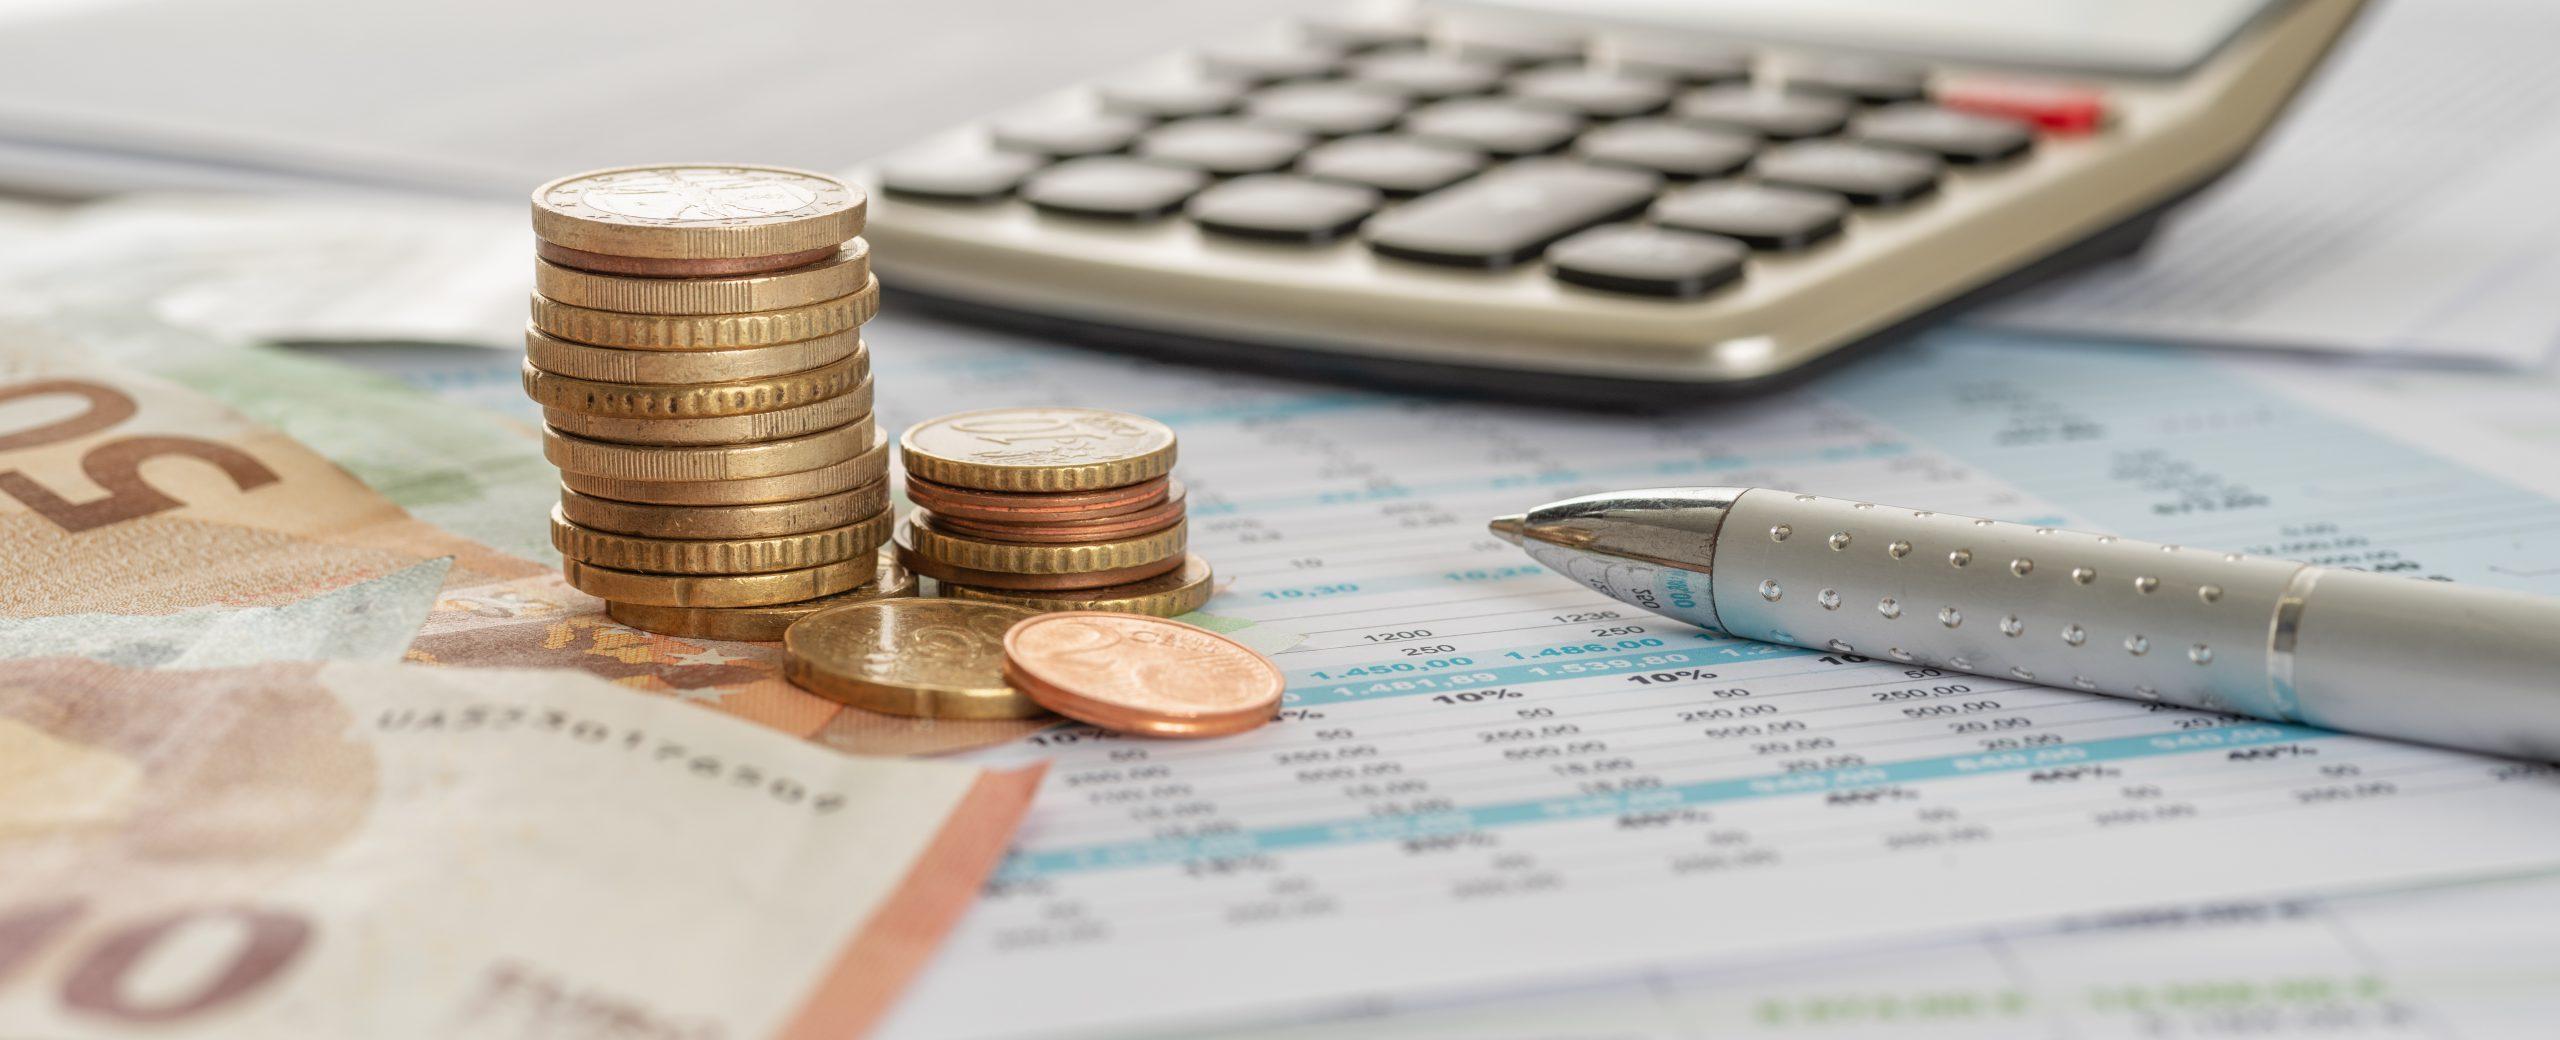 Geld mit Taschenrechner und Kugelschreiber